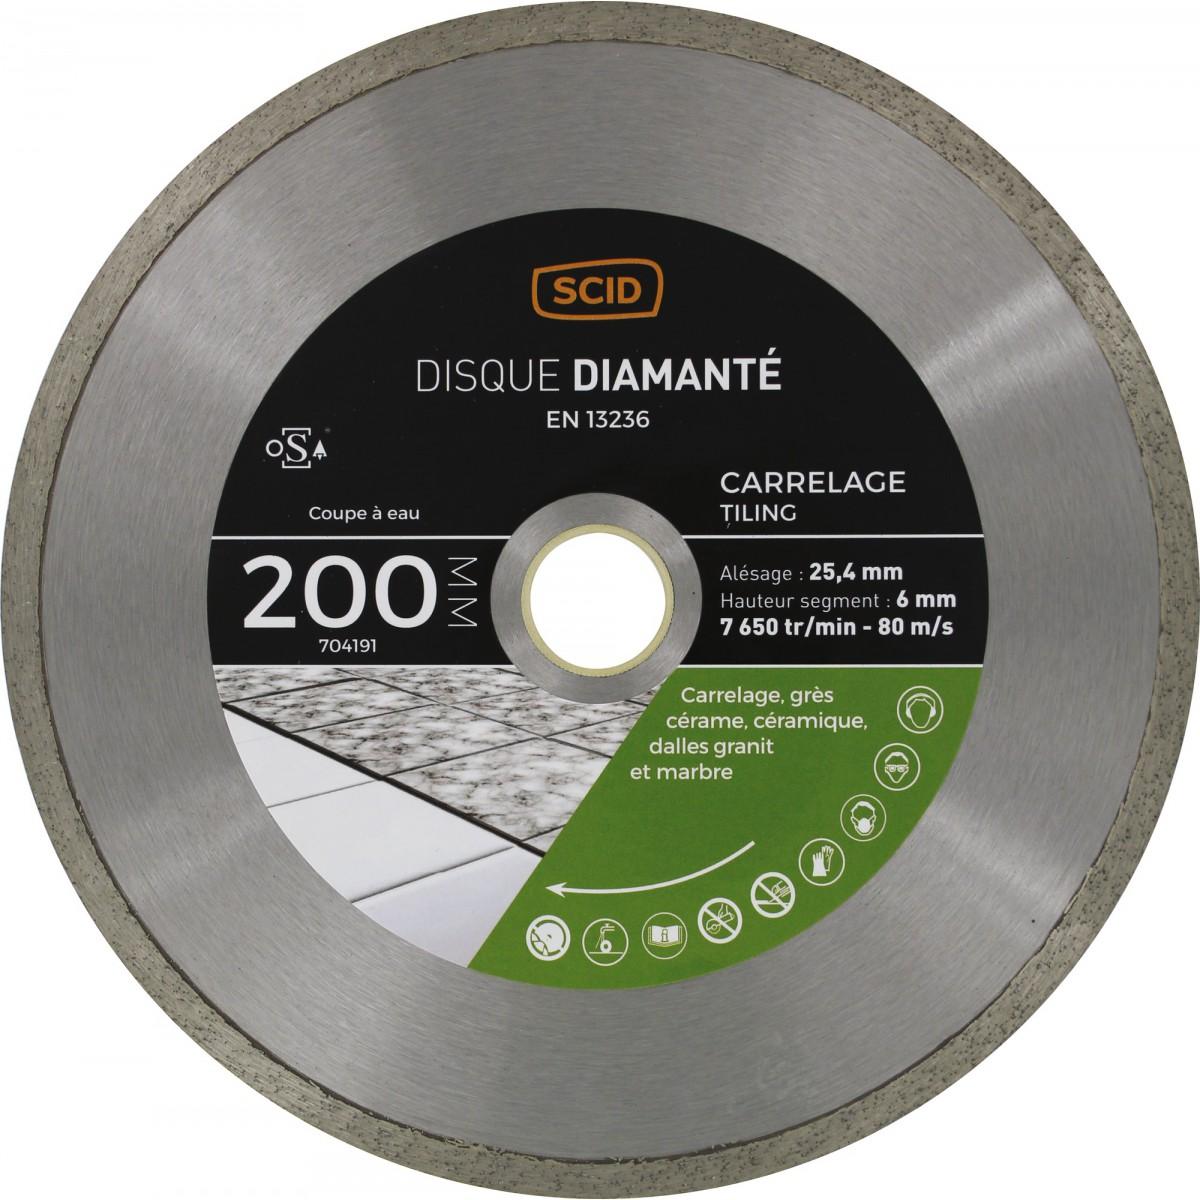 Disque diamanté grés cérame et carrelage SCID - Diamètre 200 mm